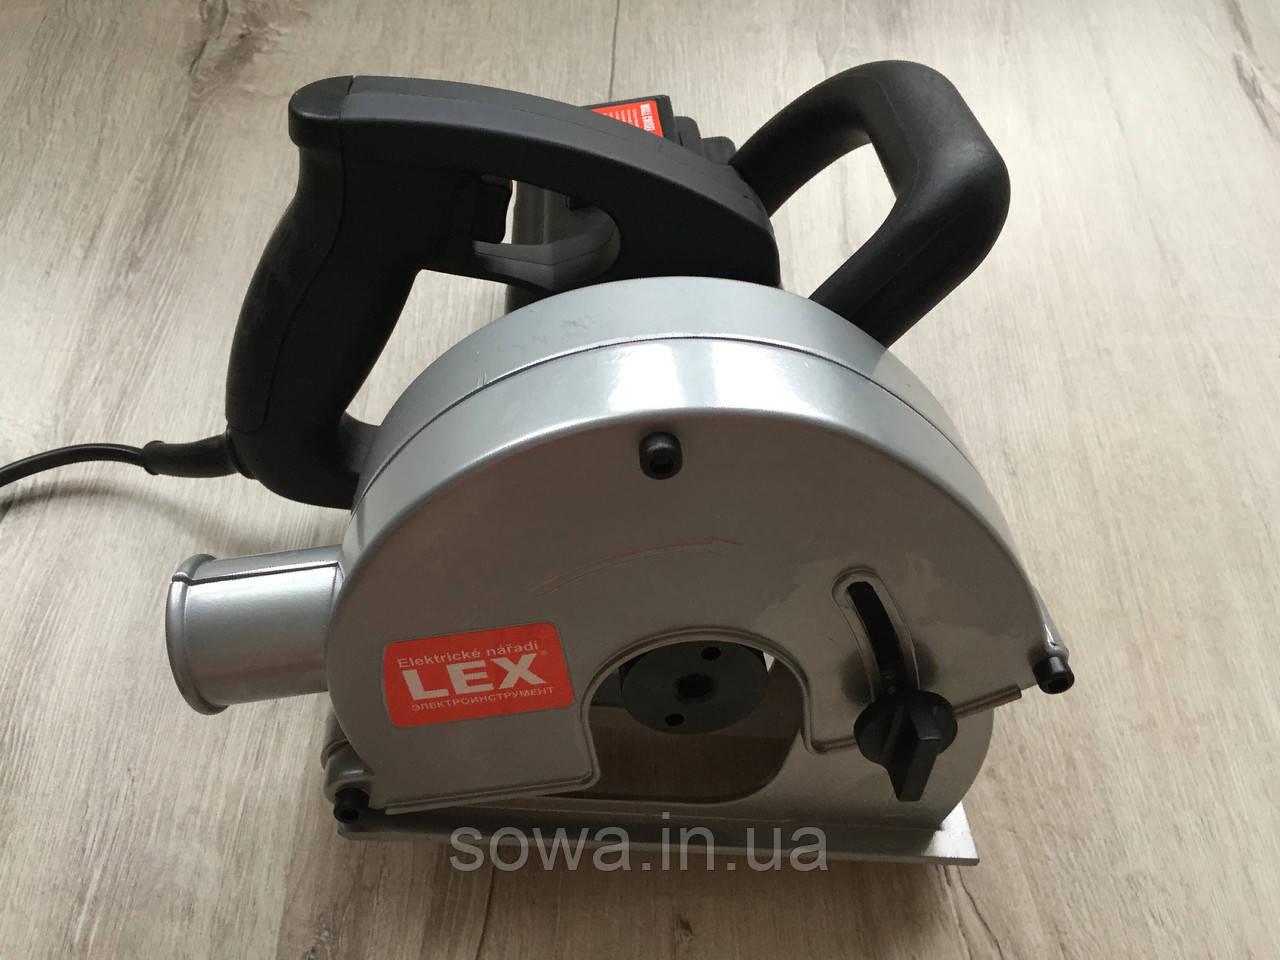 ✔️ Штроборез LEX AG275 ( Штроборез по бетону ) 3100Вт